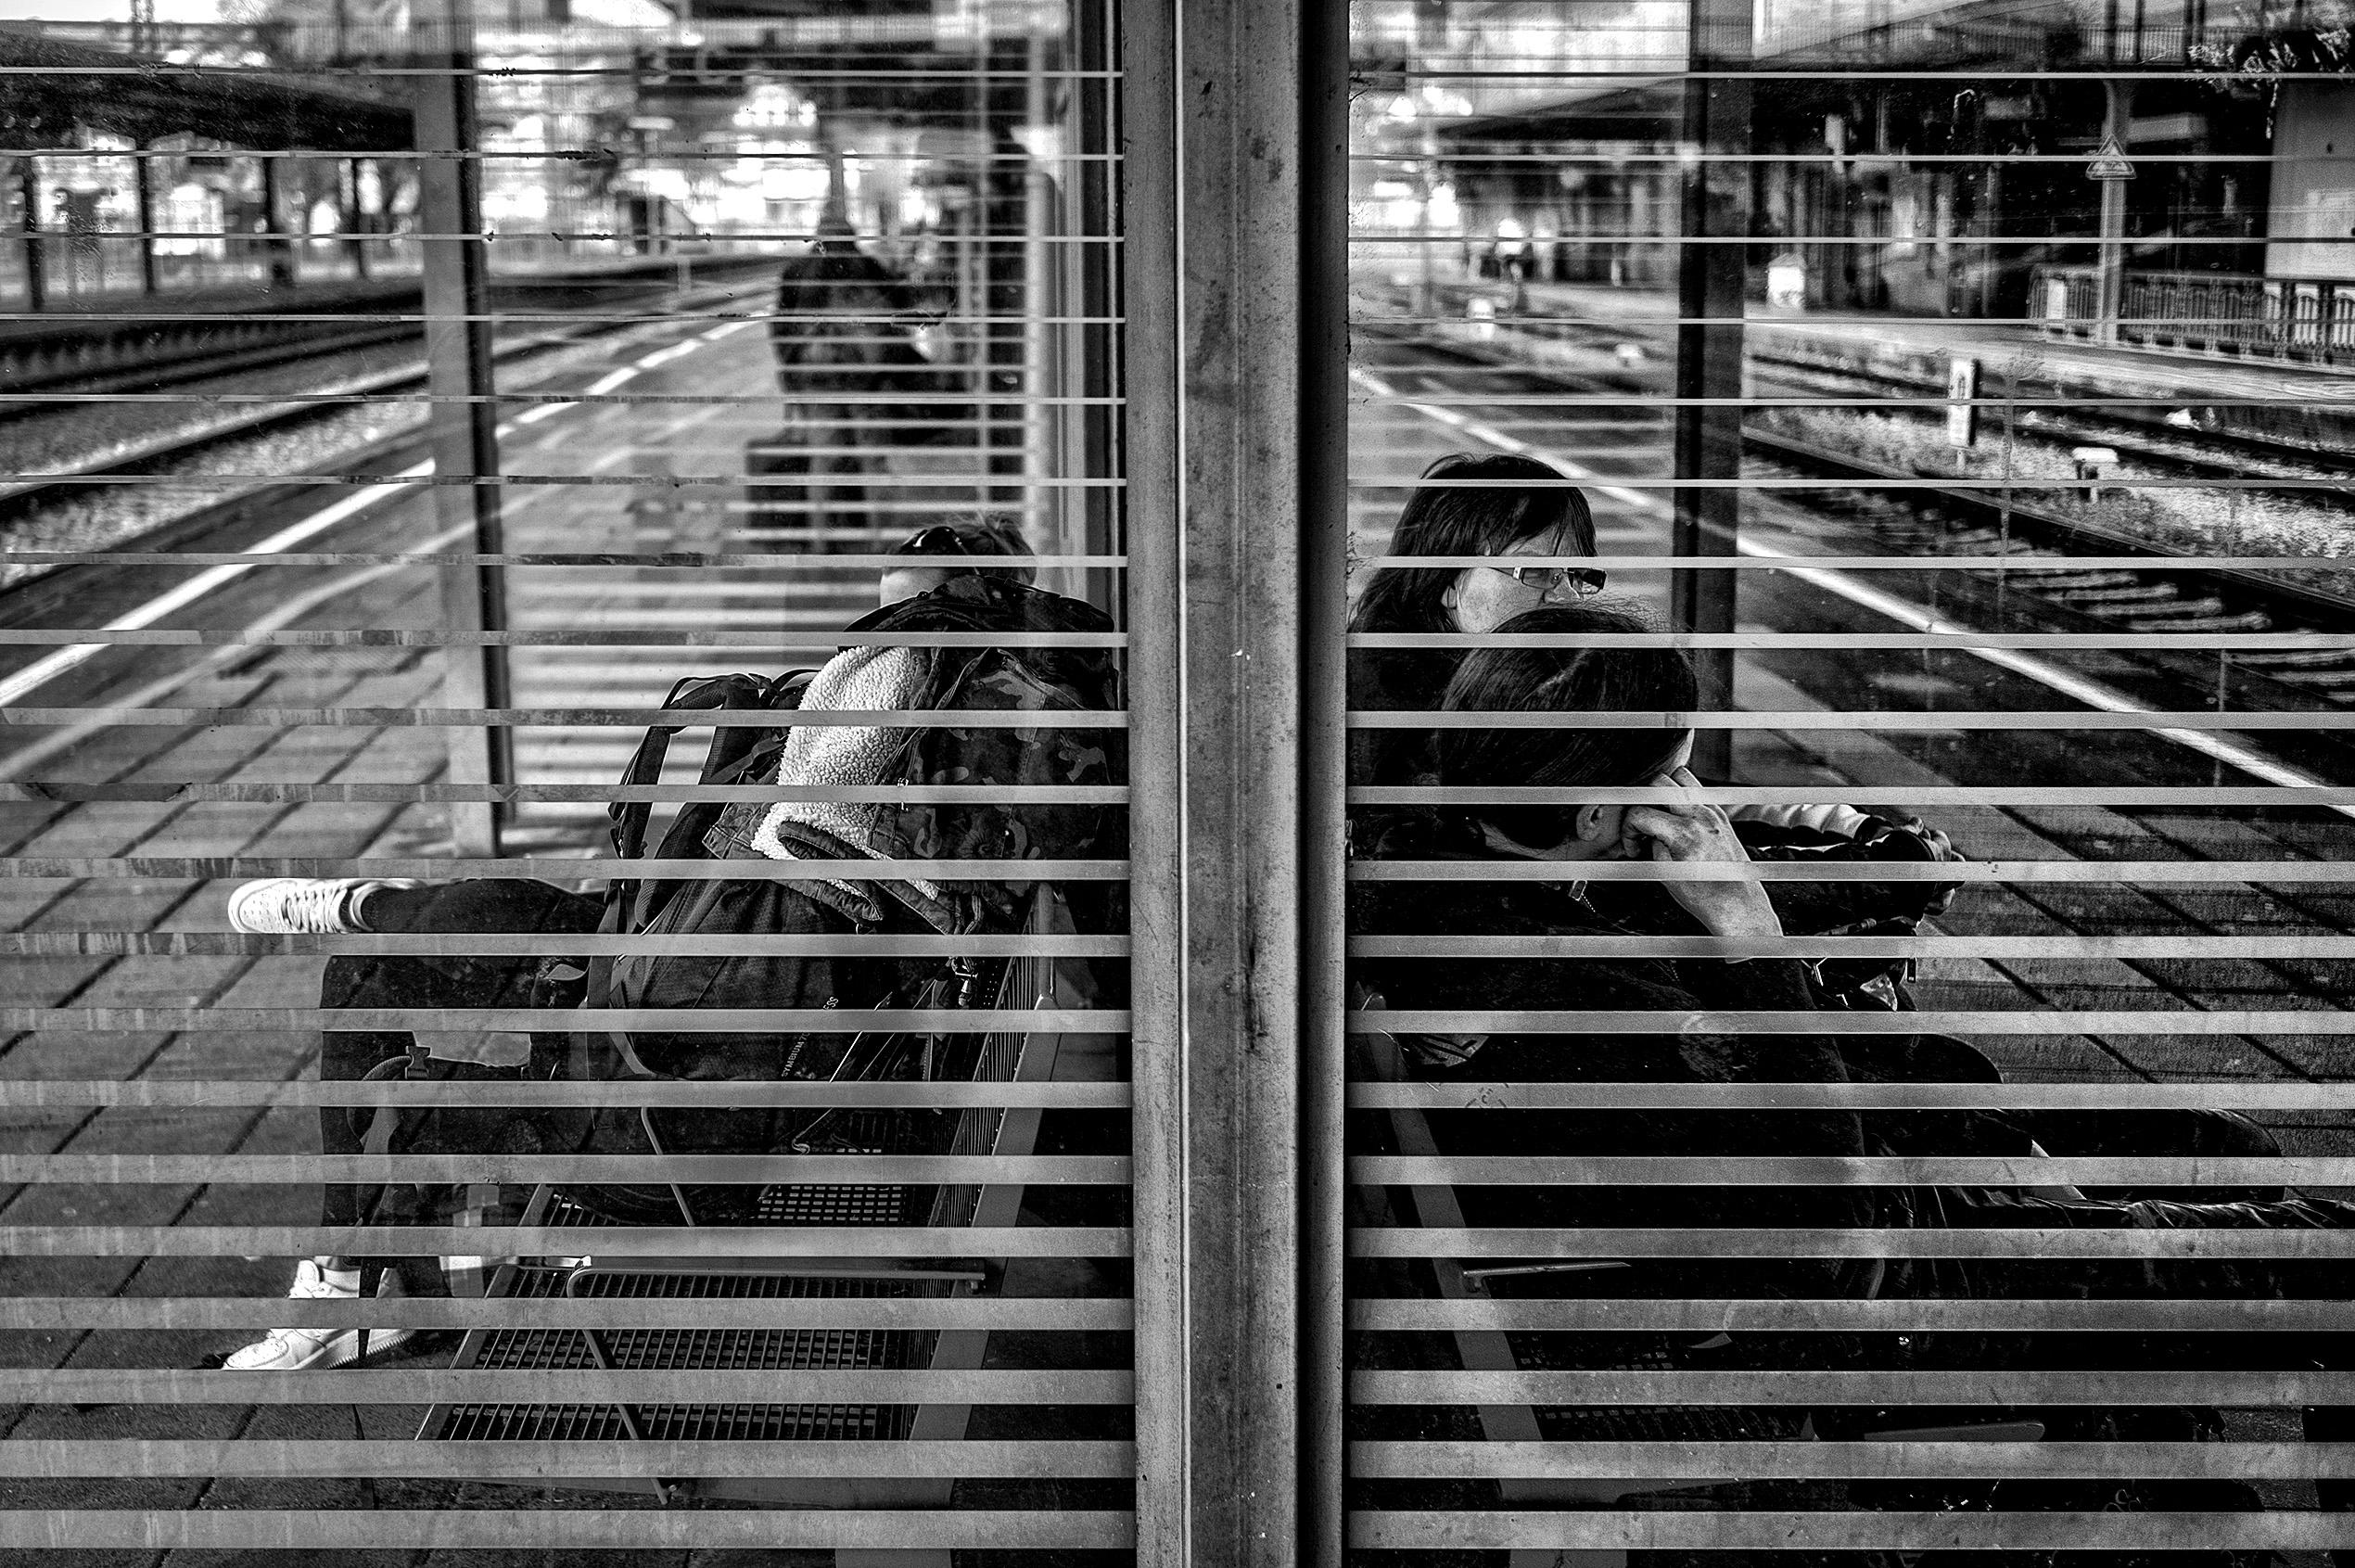 BahnhofWeinheim-1001483 by .